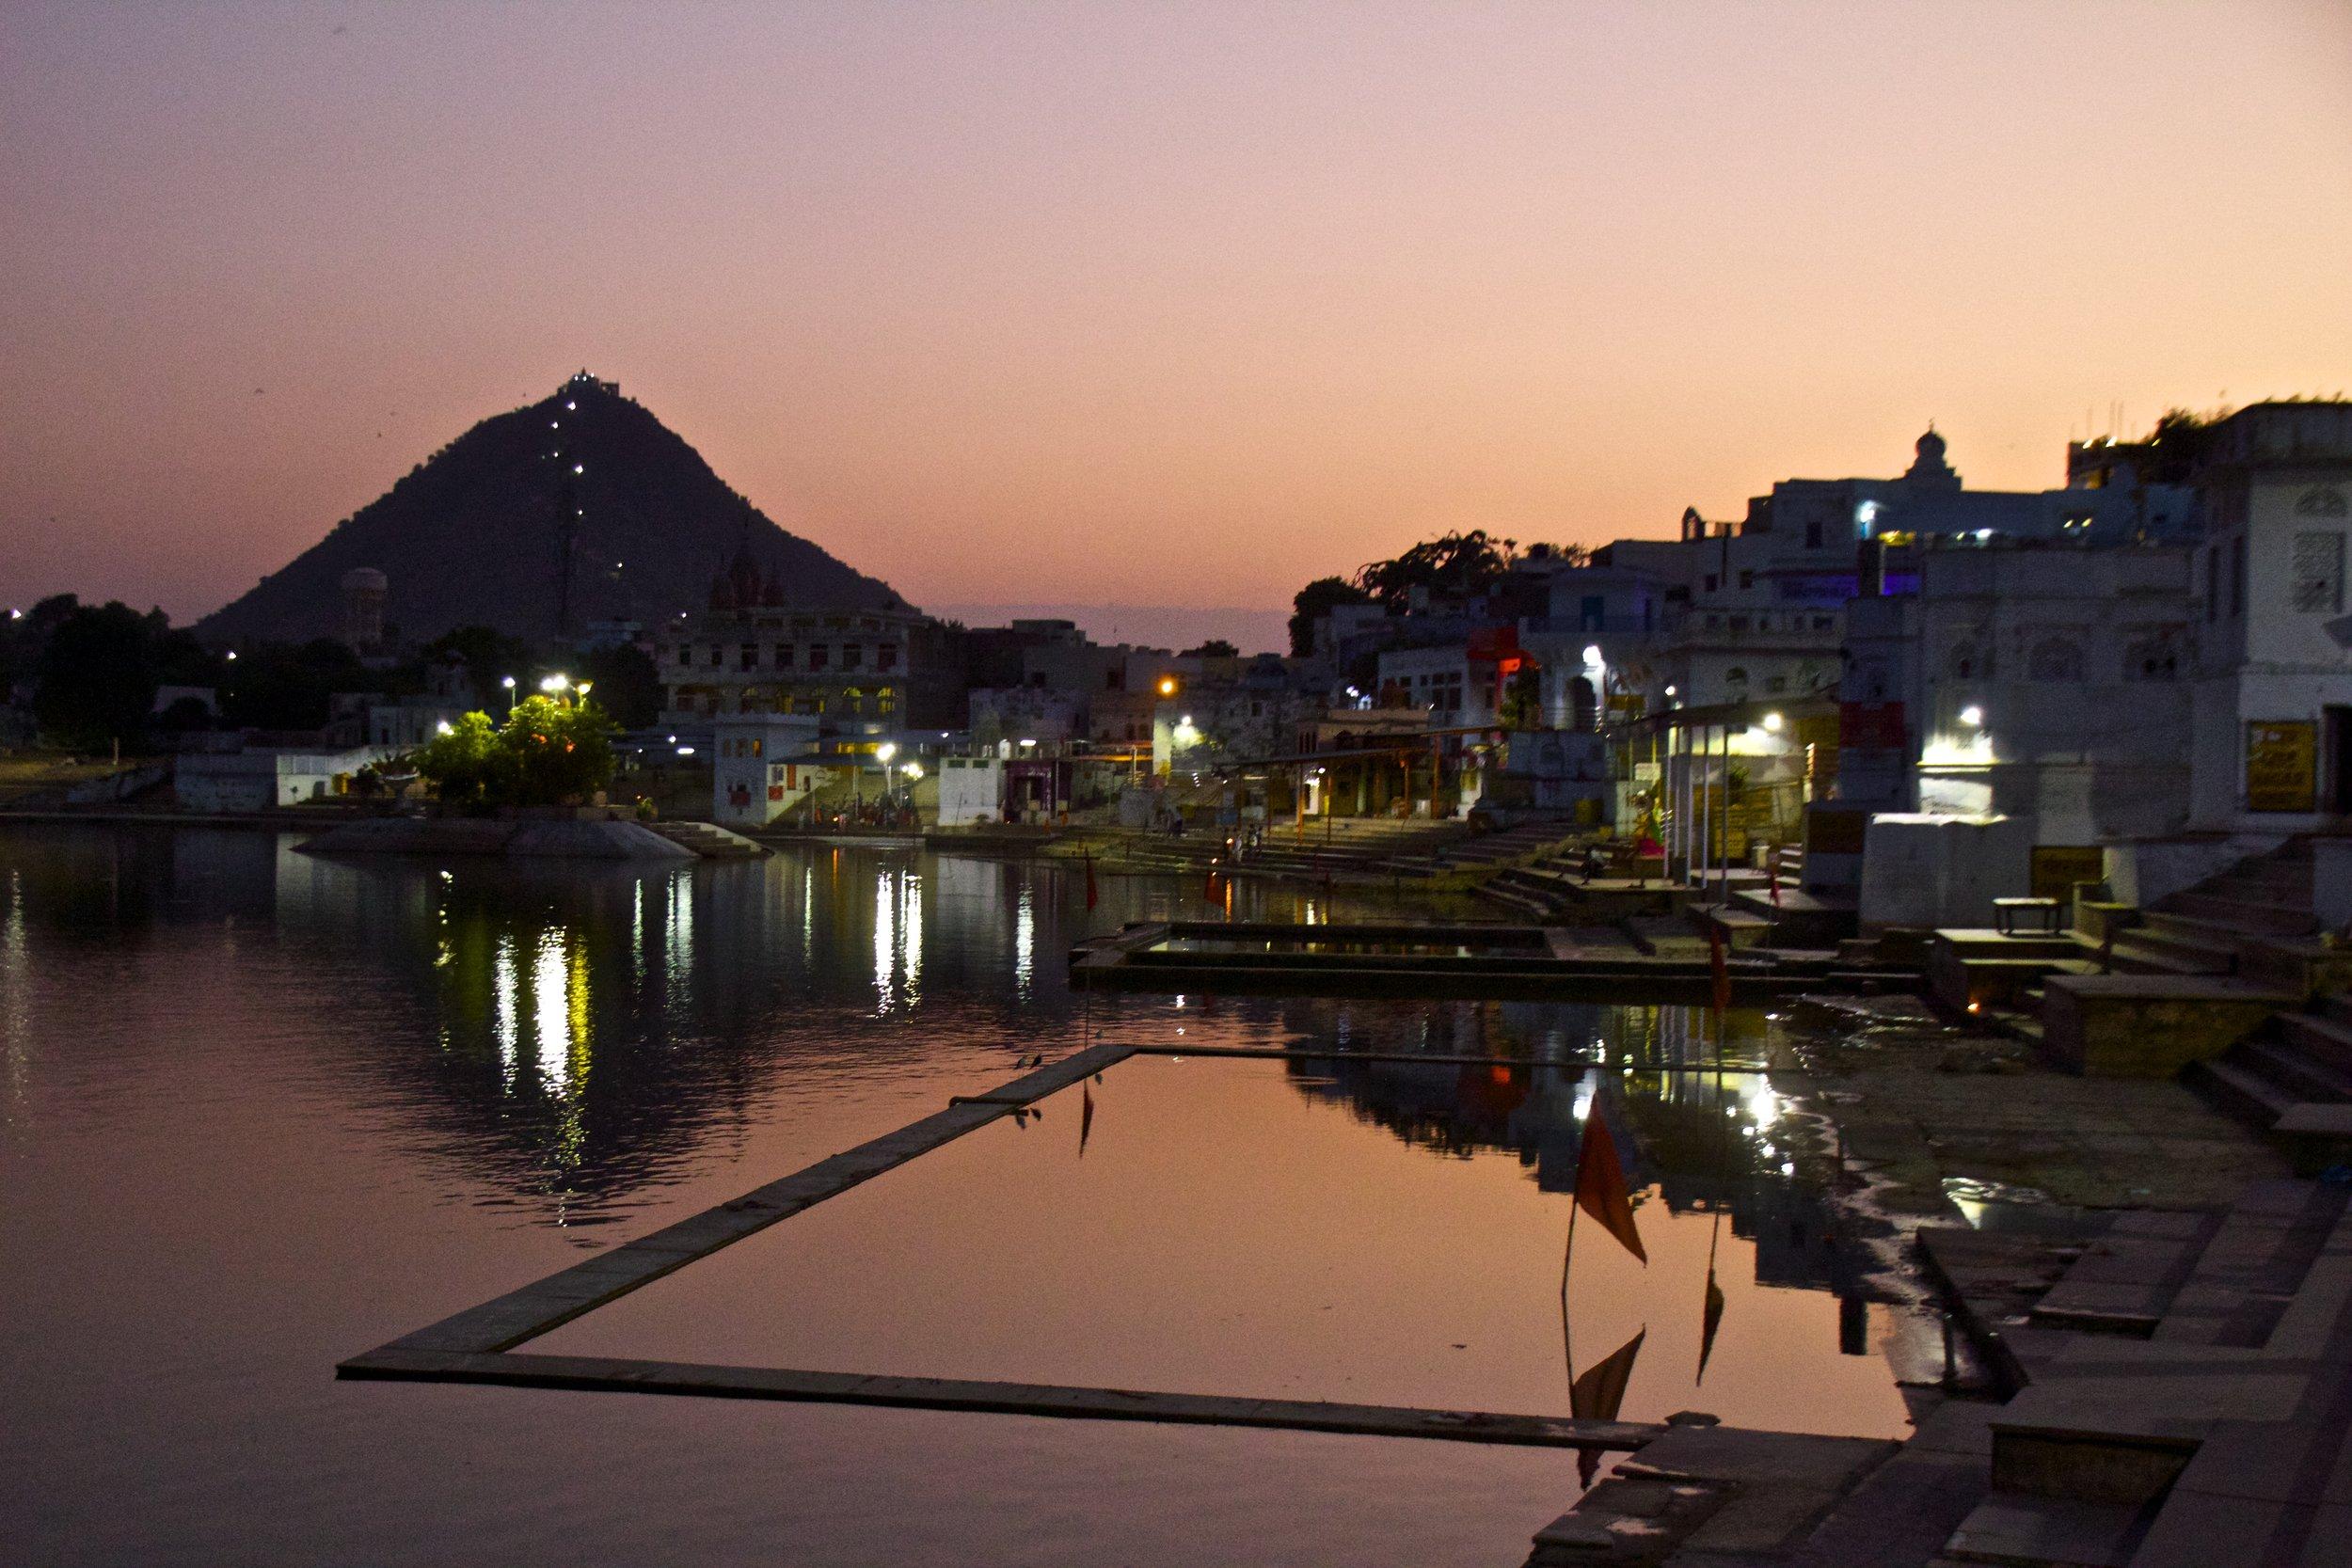 pushkar rajasthan ghats street photography 33.jpg